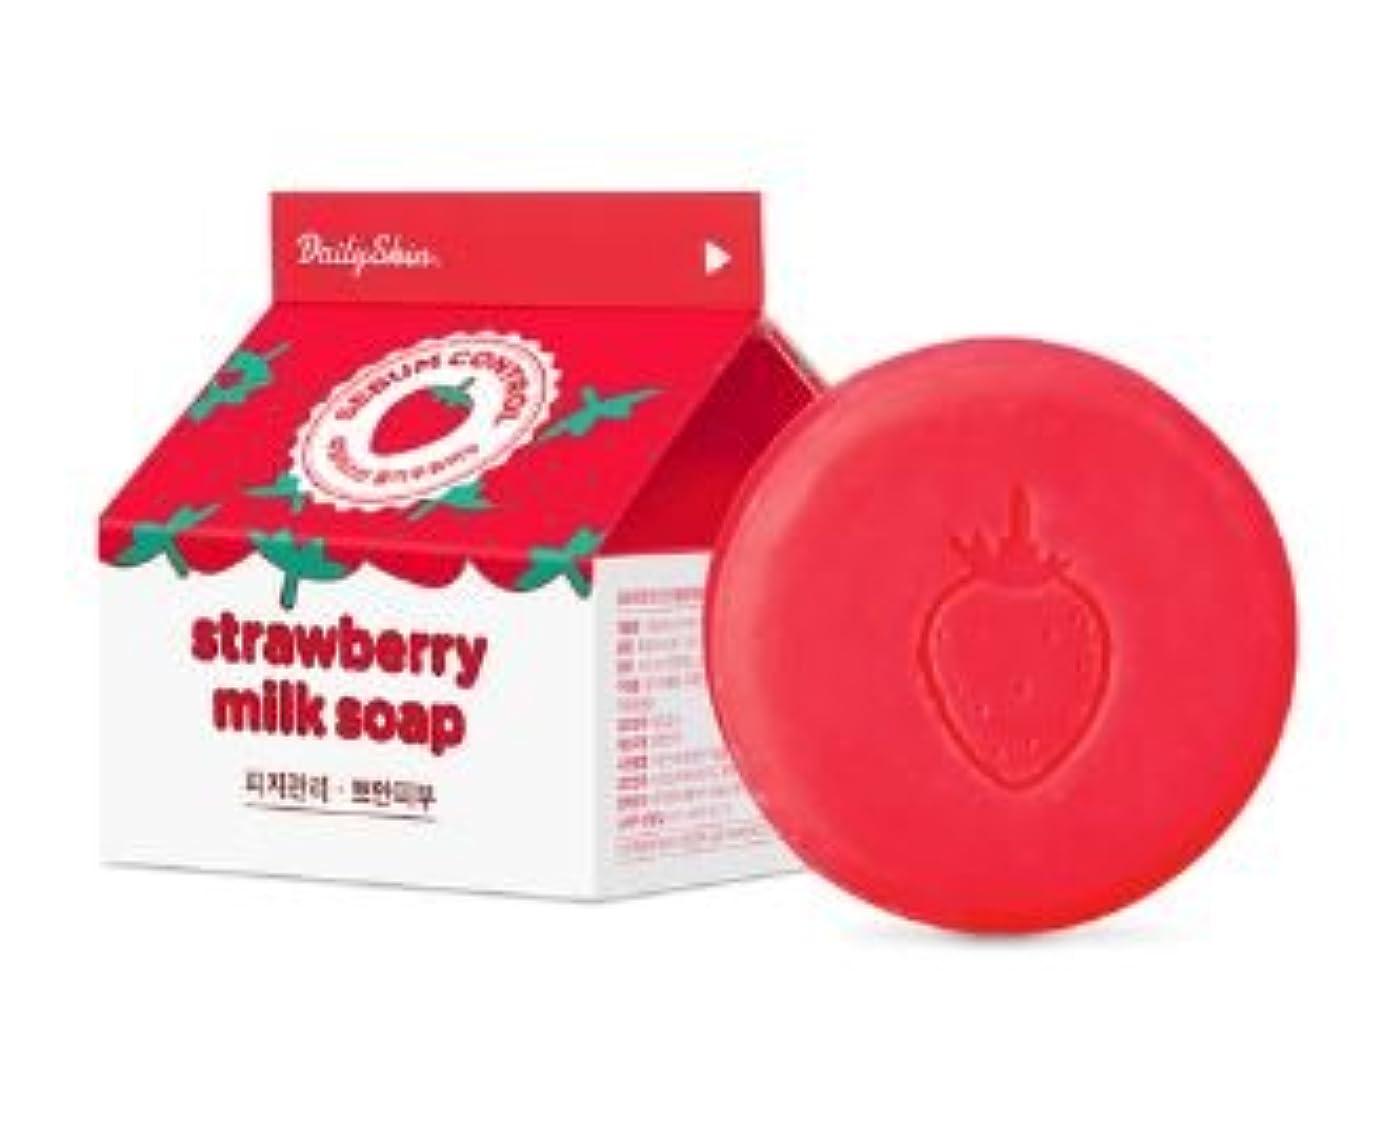 窒息させるパパ彫る[Renewal?] Daily Skin Strawberry Milk Soap 100g/デイリースキン ストロベリー ミルク ソープ 100g [並行輸入品]